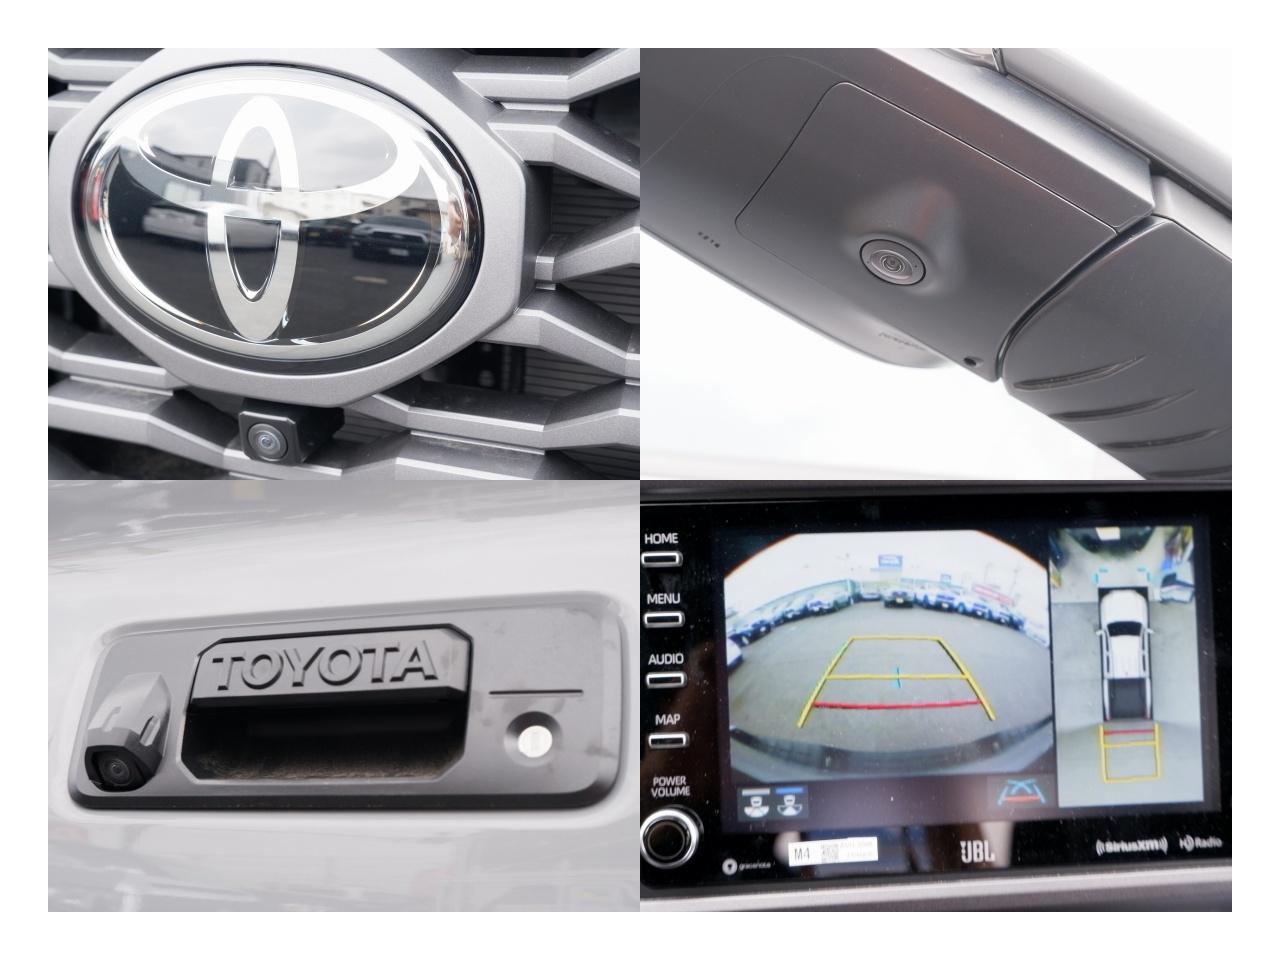 新車 アメリカモデル 2021年 タコマ 4WD セメントグレー TRDプレミアムオフロードPKG アドバンスドテクノロジーPKG ビルシュタインショック マルチテレインセレクト クロールコントロール アクティブトラクションコントロール パノラミックビューモニター マルチテレインモニター ブラインドスポットモニター 三つ折りトノカバー